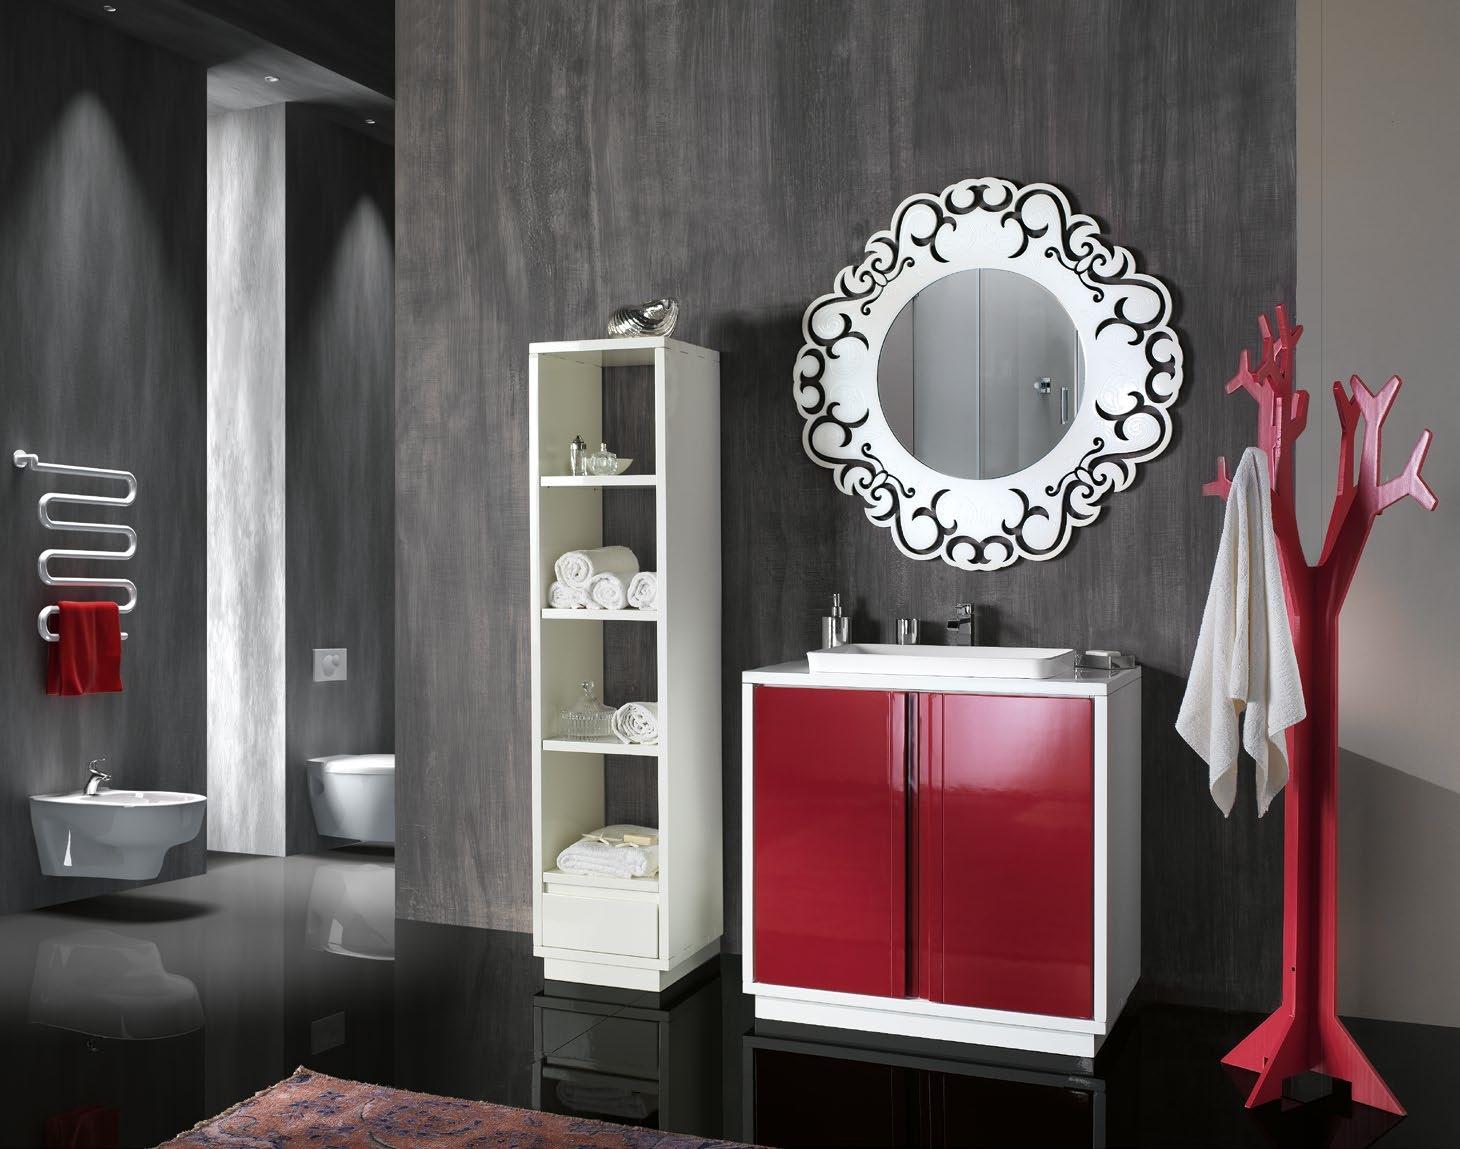 Arredo bagno mobile in legno laccato arredo bagno a for Arredo bagno in legno